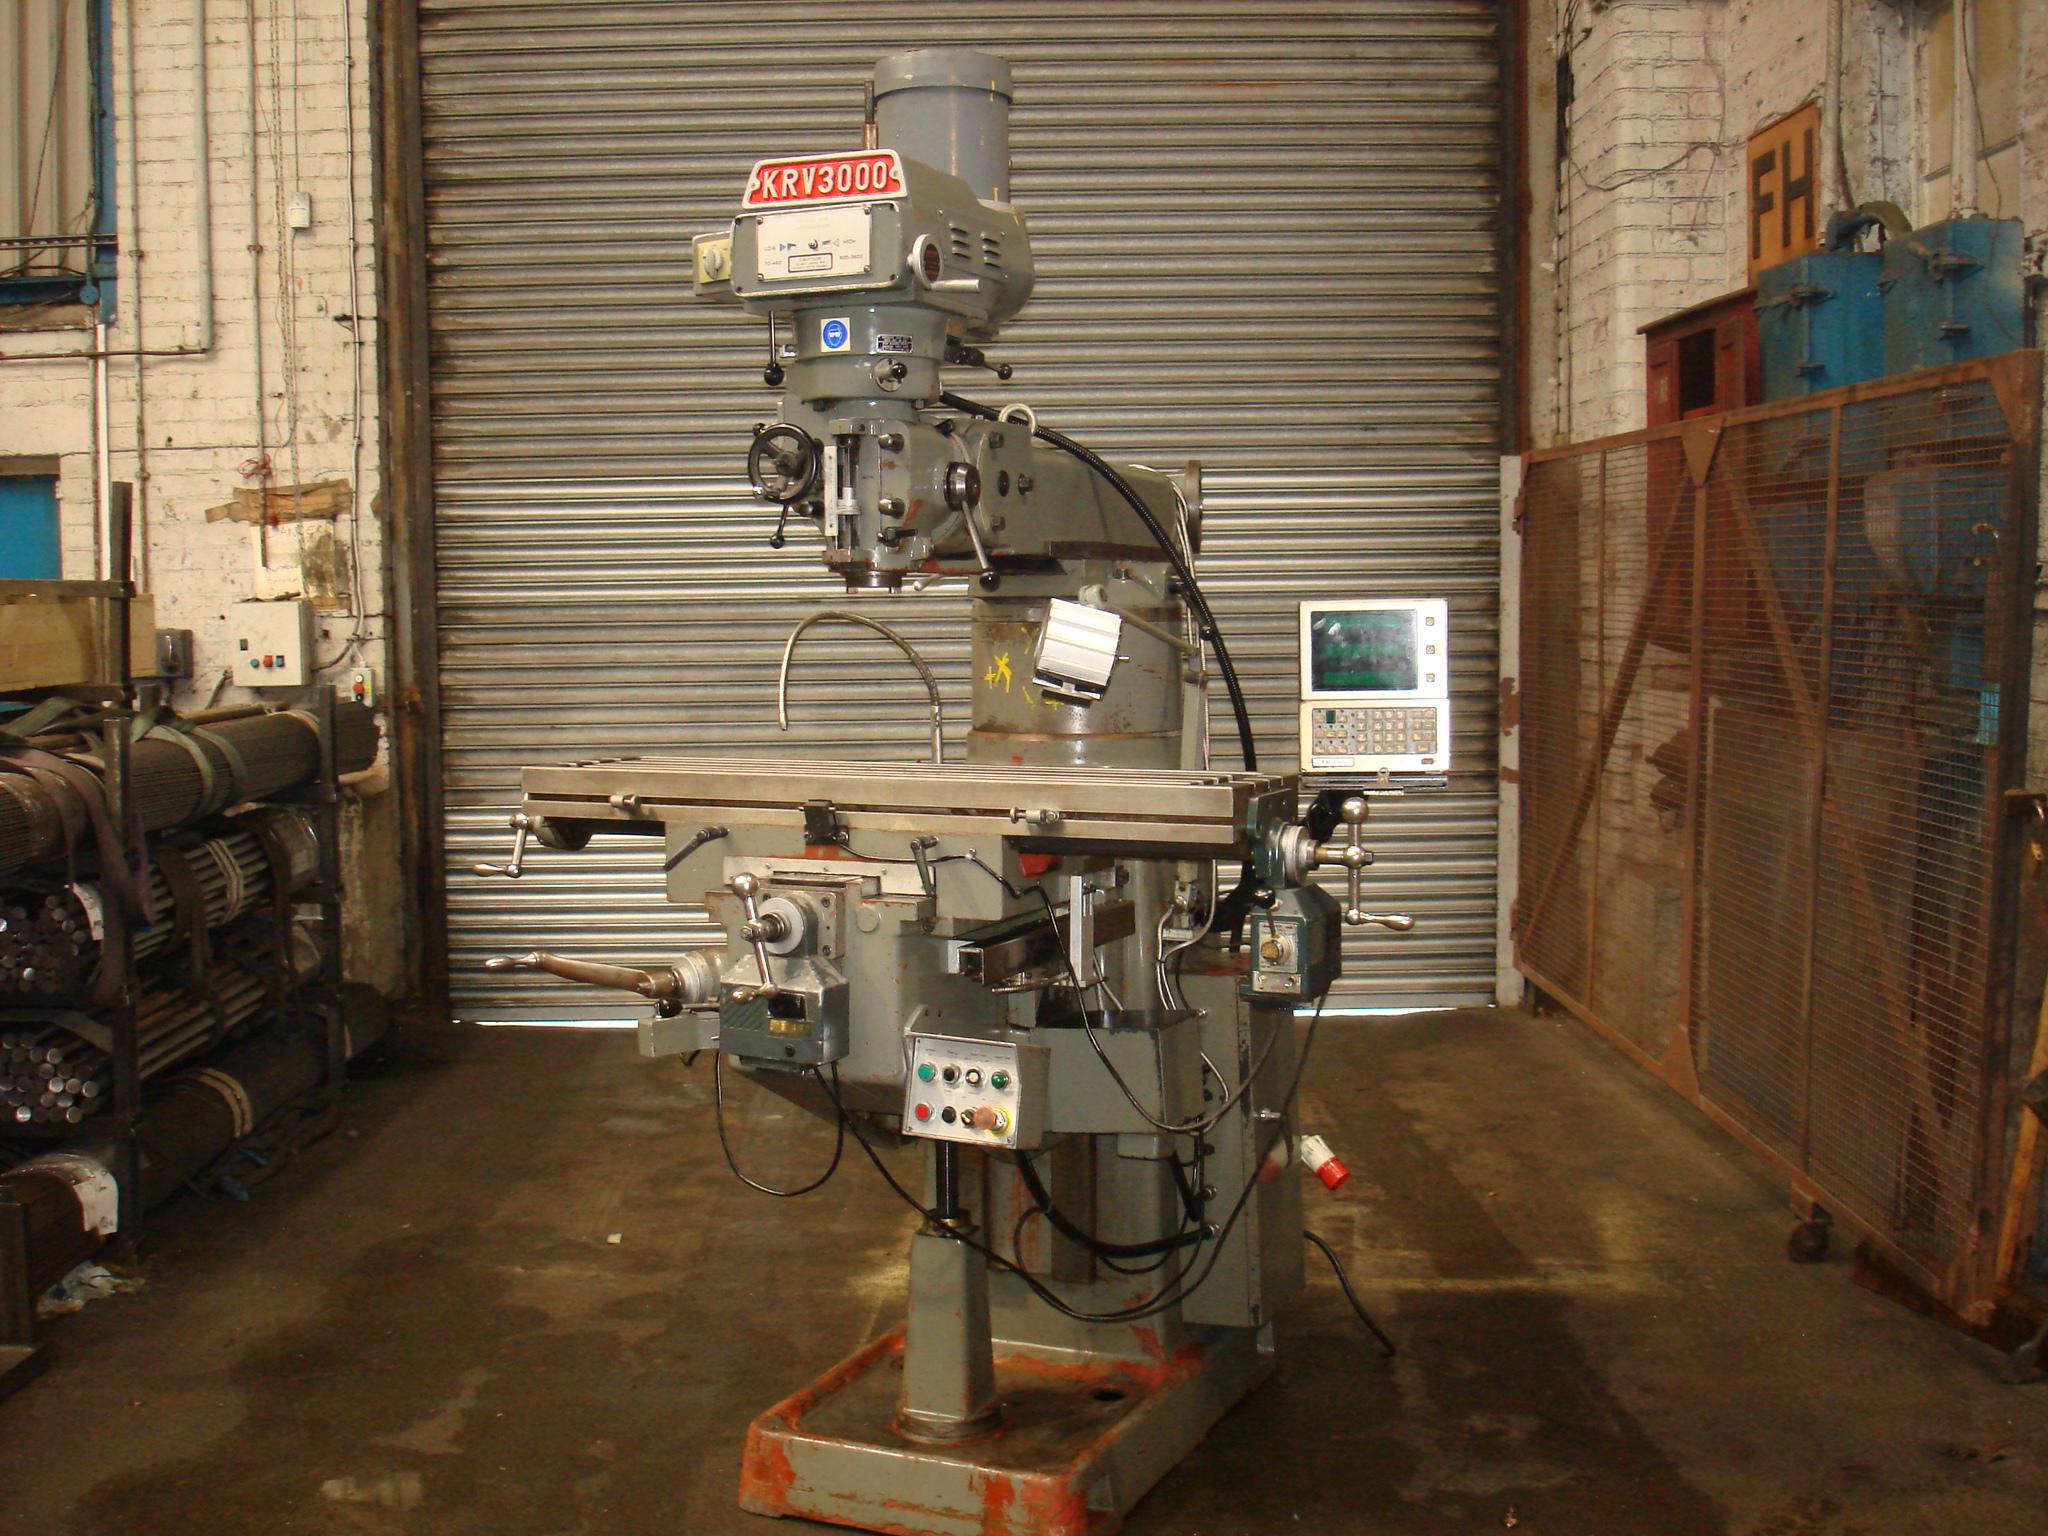 XYZ 3000 SLV Turret Mill